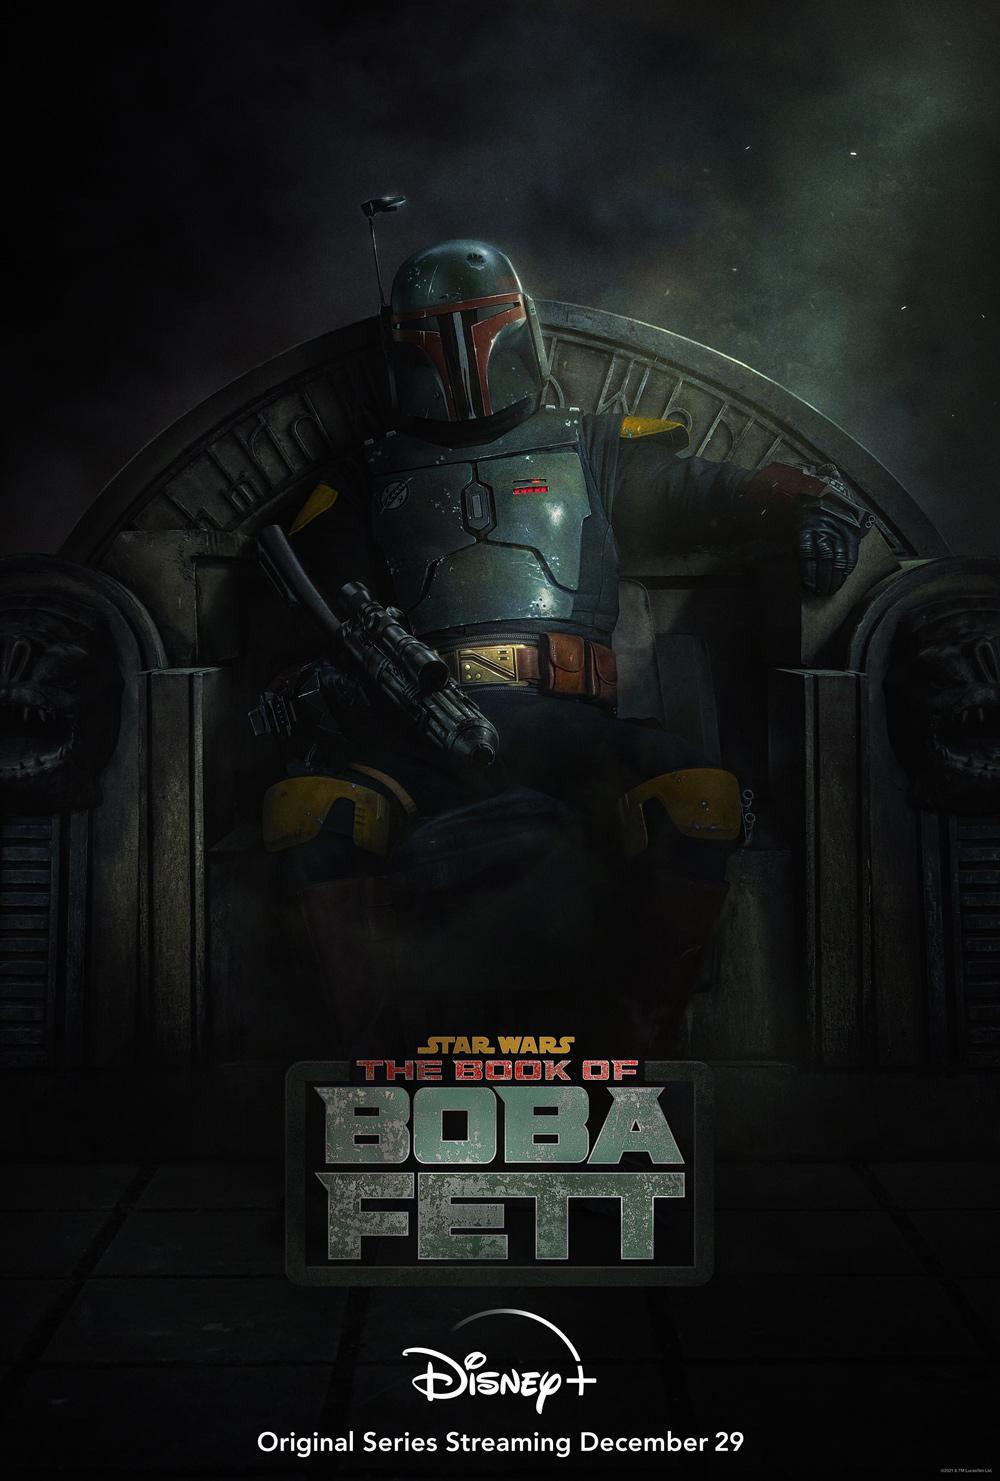 ボバ・フェット/The Book of Boba Fett